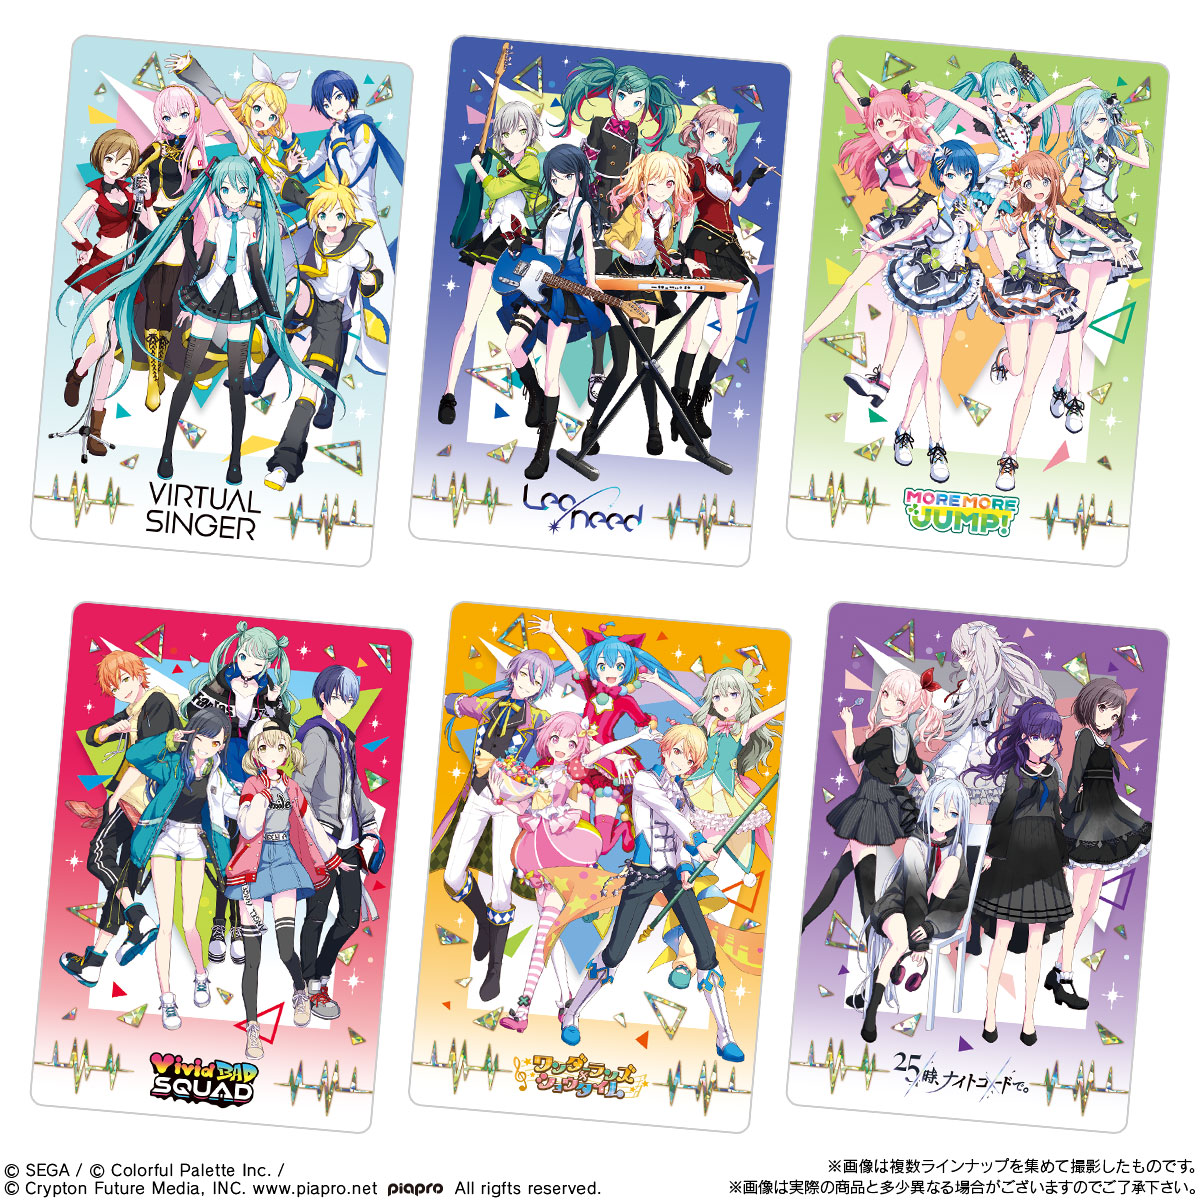 【食玩】初音ミク『プロジェクトセカイ カラフルステージ! feat. 初音ミクウエハース』20個入りBOX-008